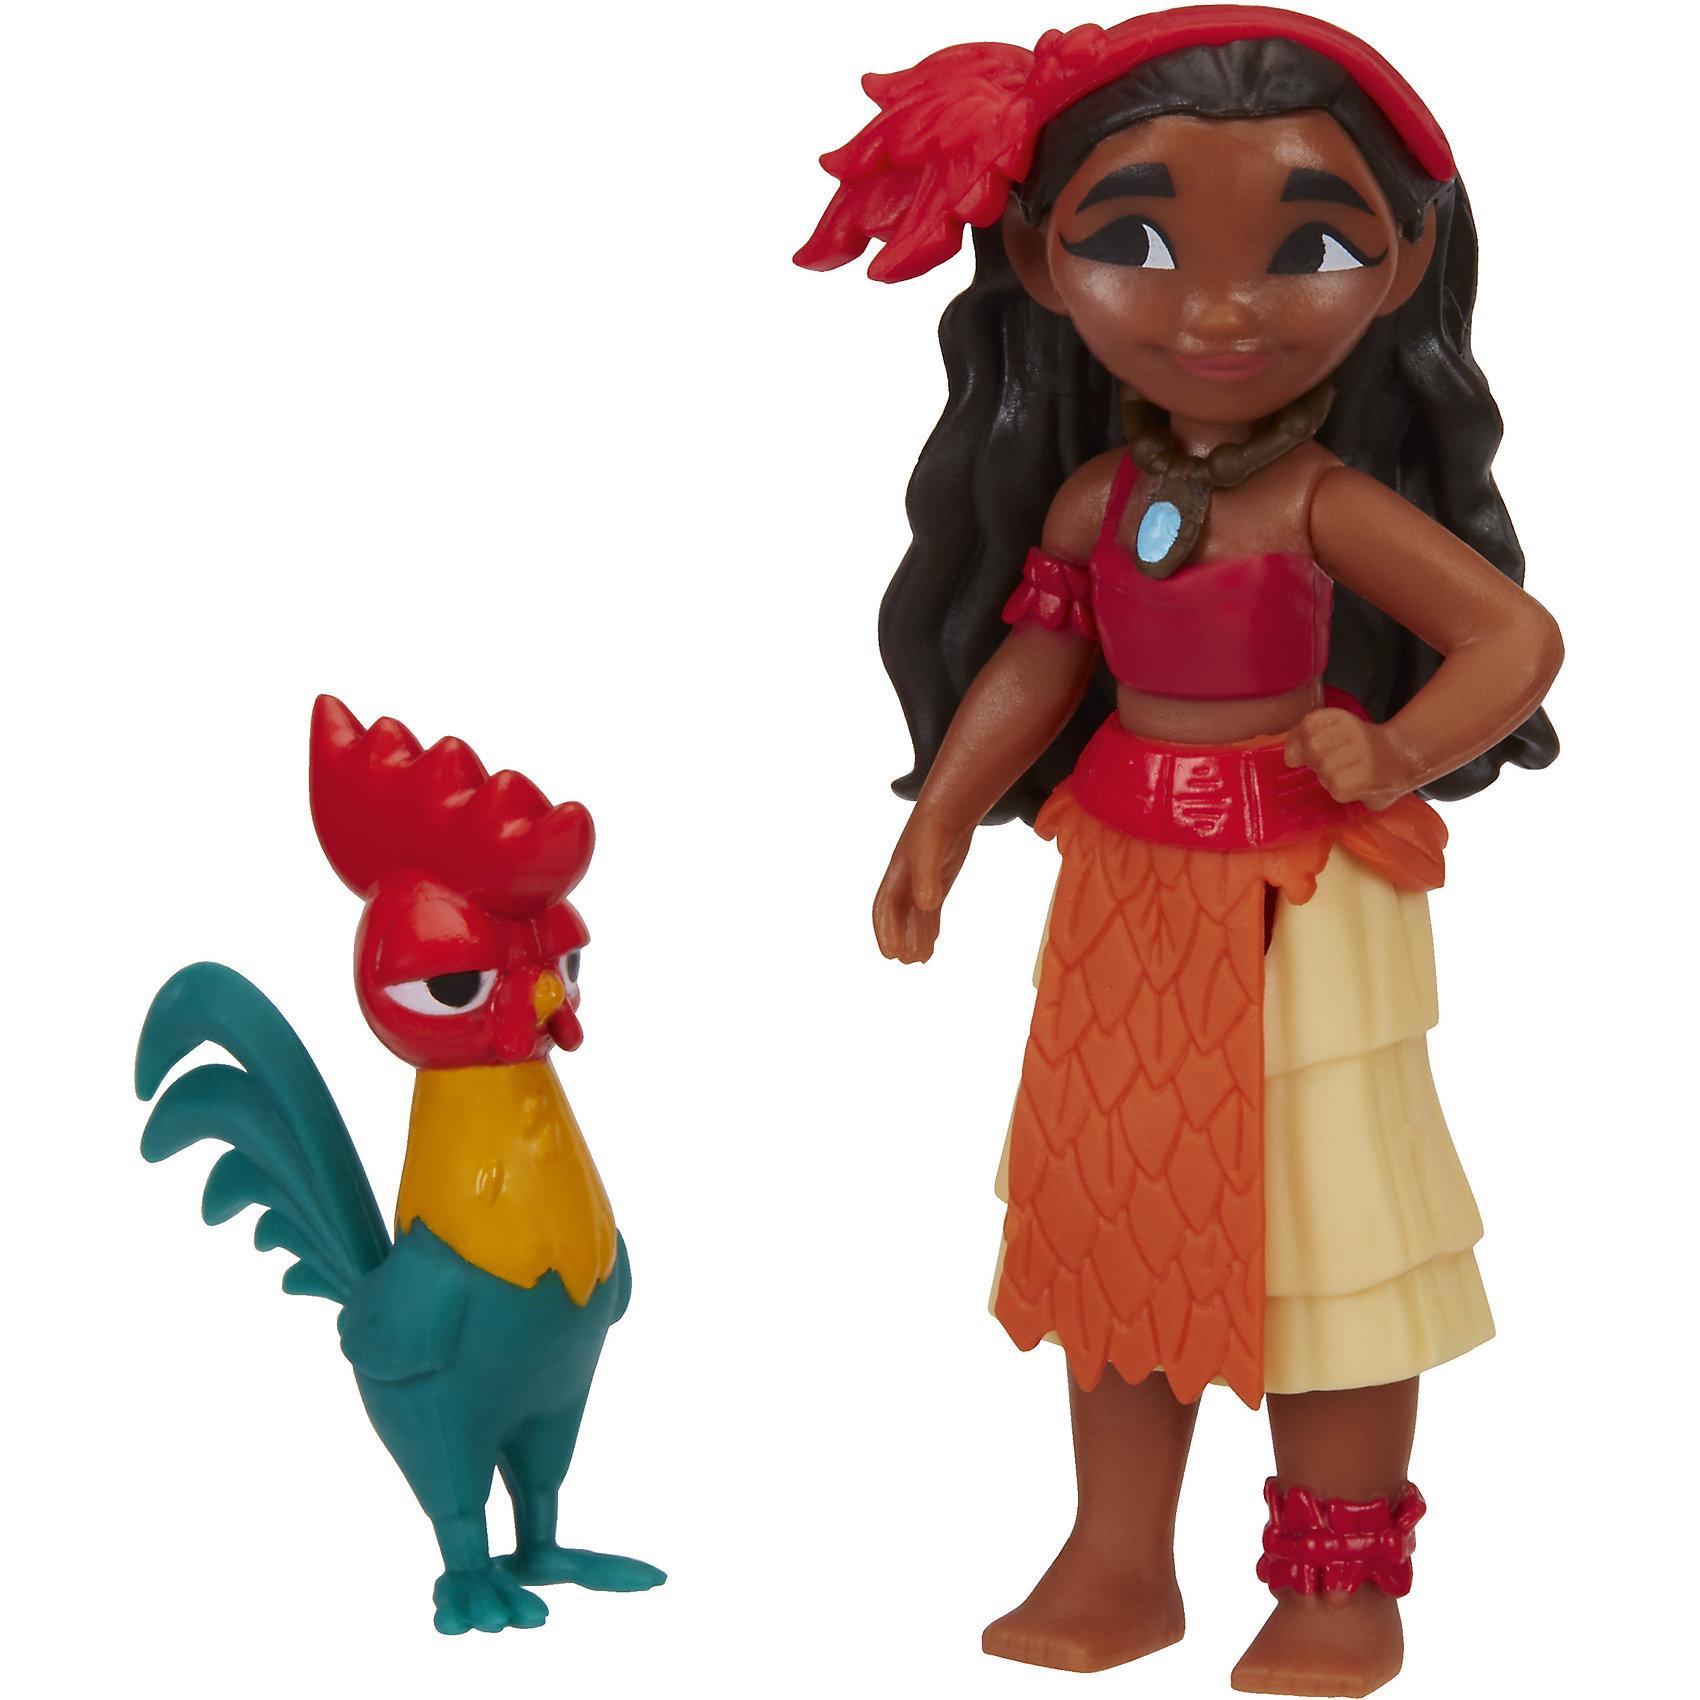 Маленькие куклы Моана и Хей-Хей, МоанаИгрушки<br>Эта кукла высотой 7,6 см идет в наборе с вашим любимым героем мультфильма и маленьким другом. Вместе с Моаной в наборе Хей-Хей.<br><br>Ширина мм: 57<br>Глубина мм: 127<br>Высота мм: 152<br>Вес г: 62<br>Возраст от месяцев: 36<br>Возраст до месяцев: 144<br>Пол: Женский<br>Возраст: Детский<br>SKU: 5205210